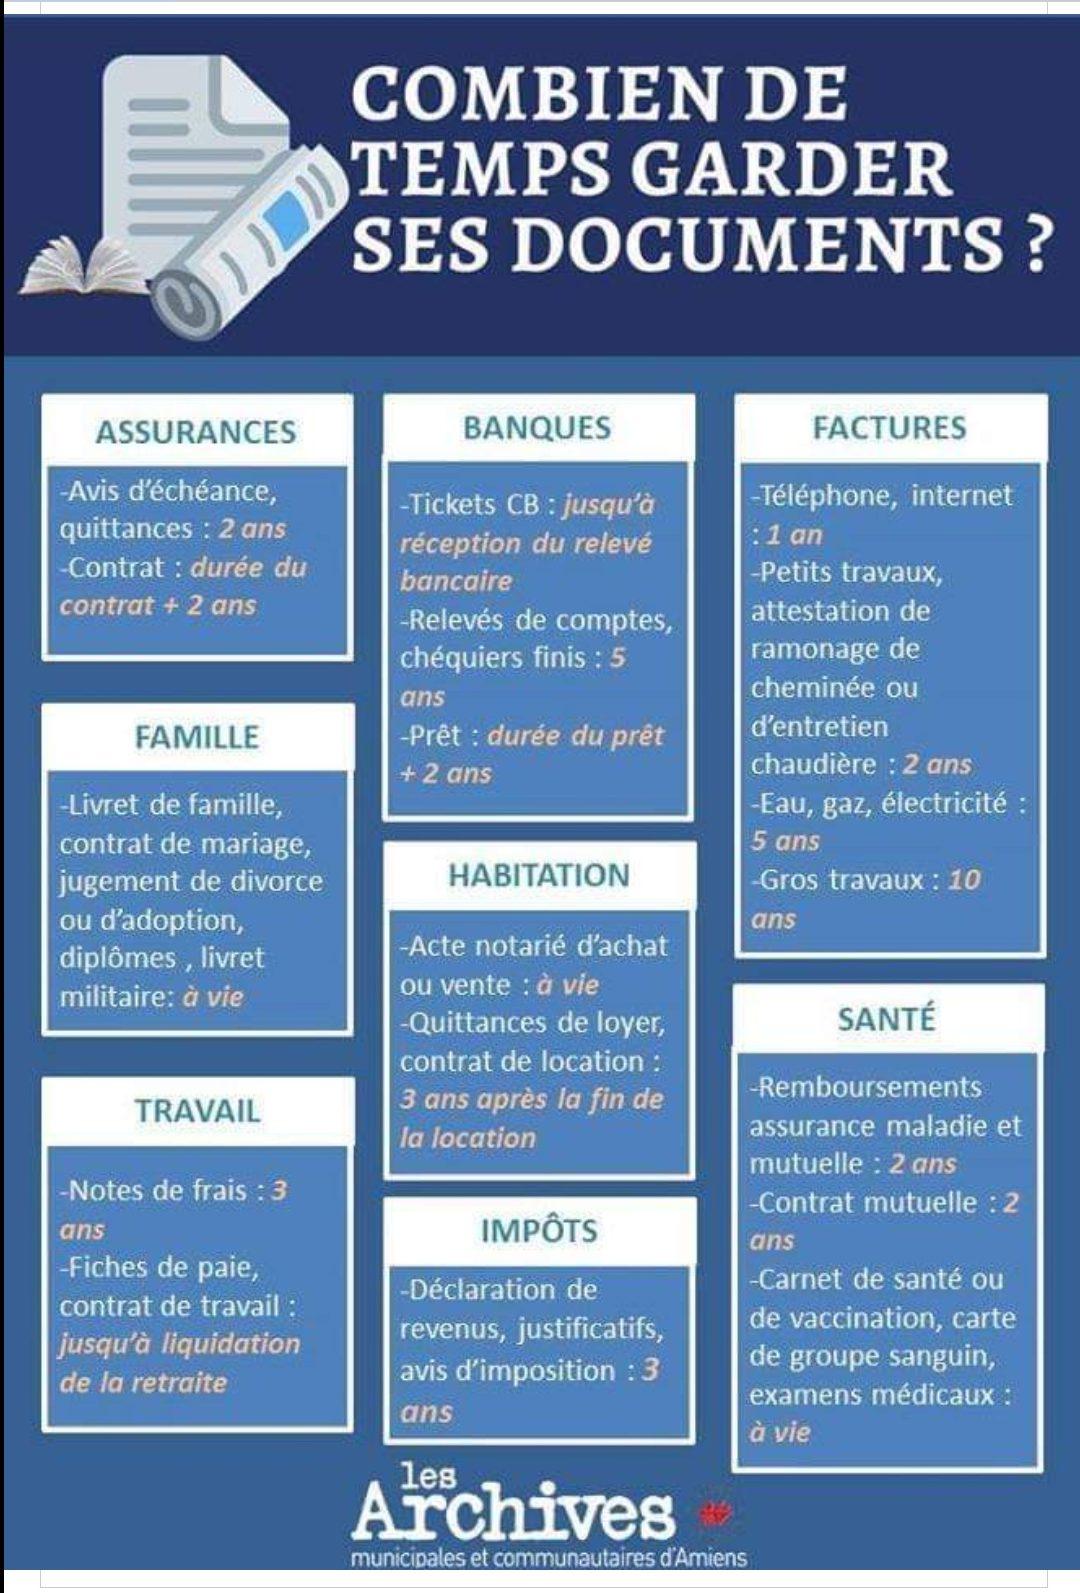 archive docs